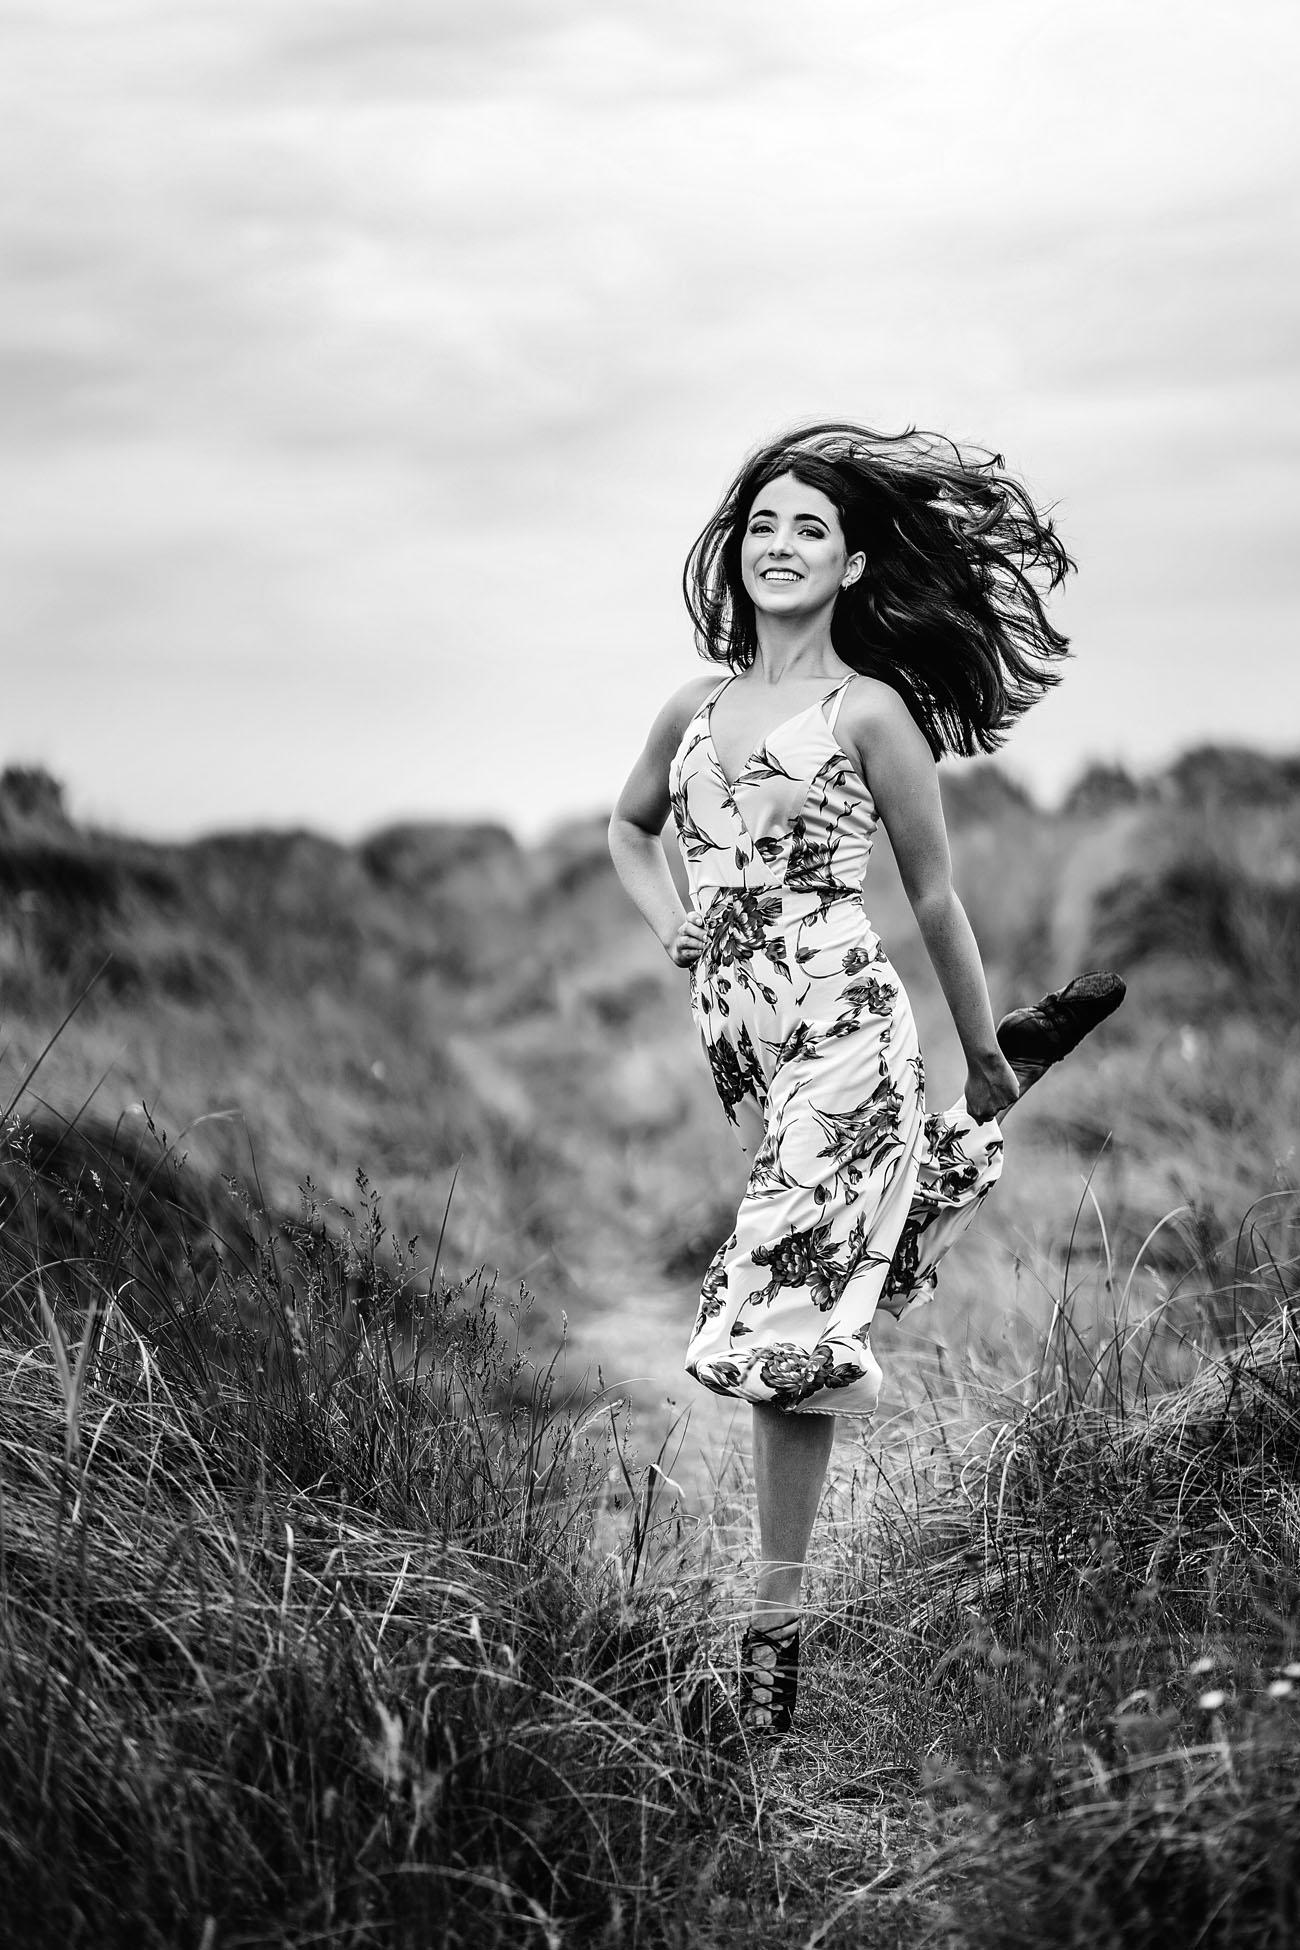 irish-dance-portrait-photographer-dublin-ireland-0083.jpg